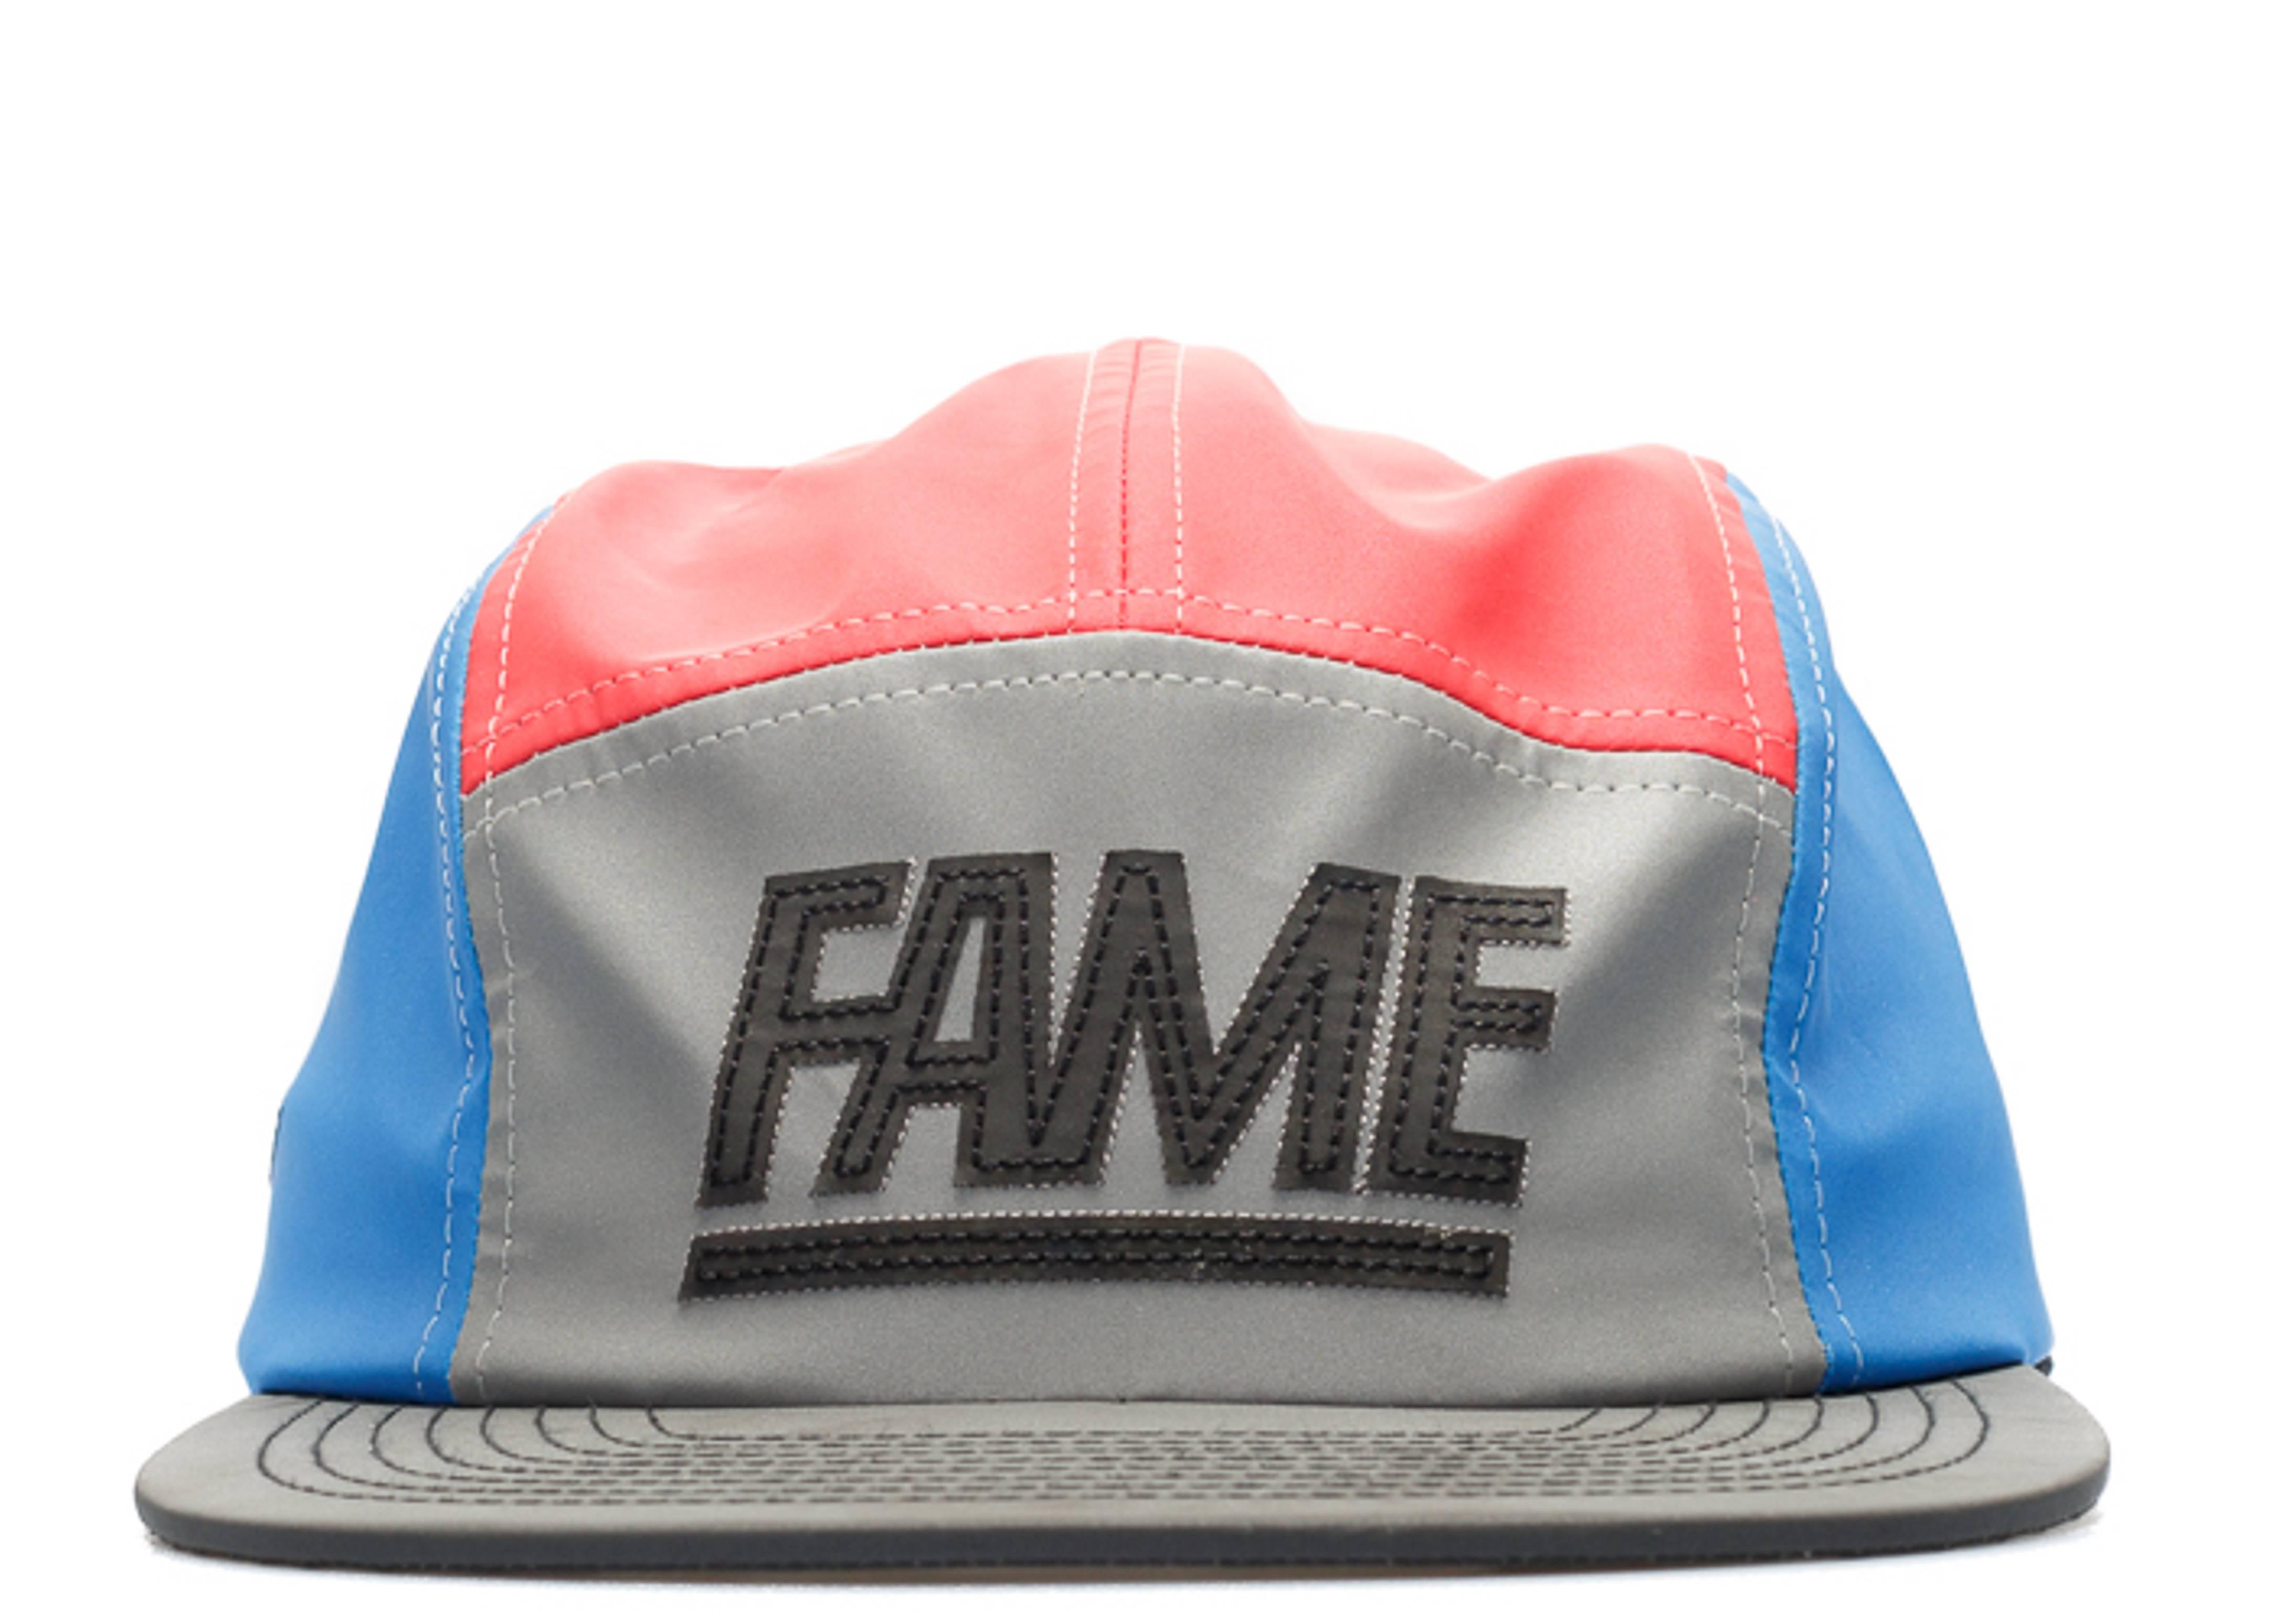 3m fame block camper 5 panel strap-back